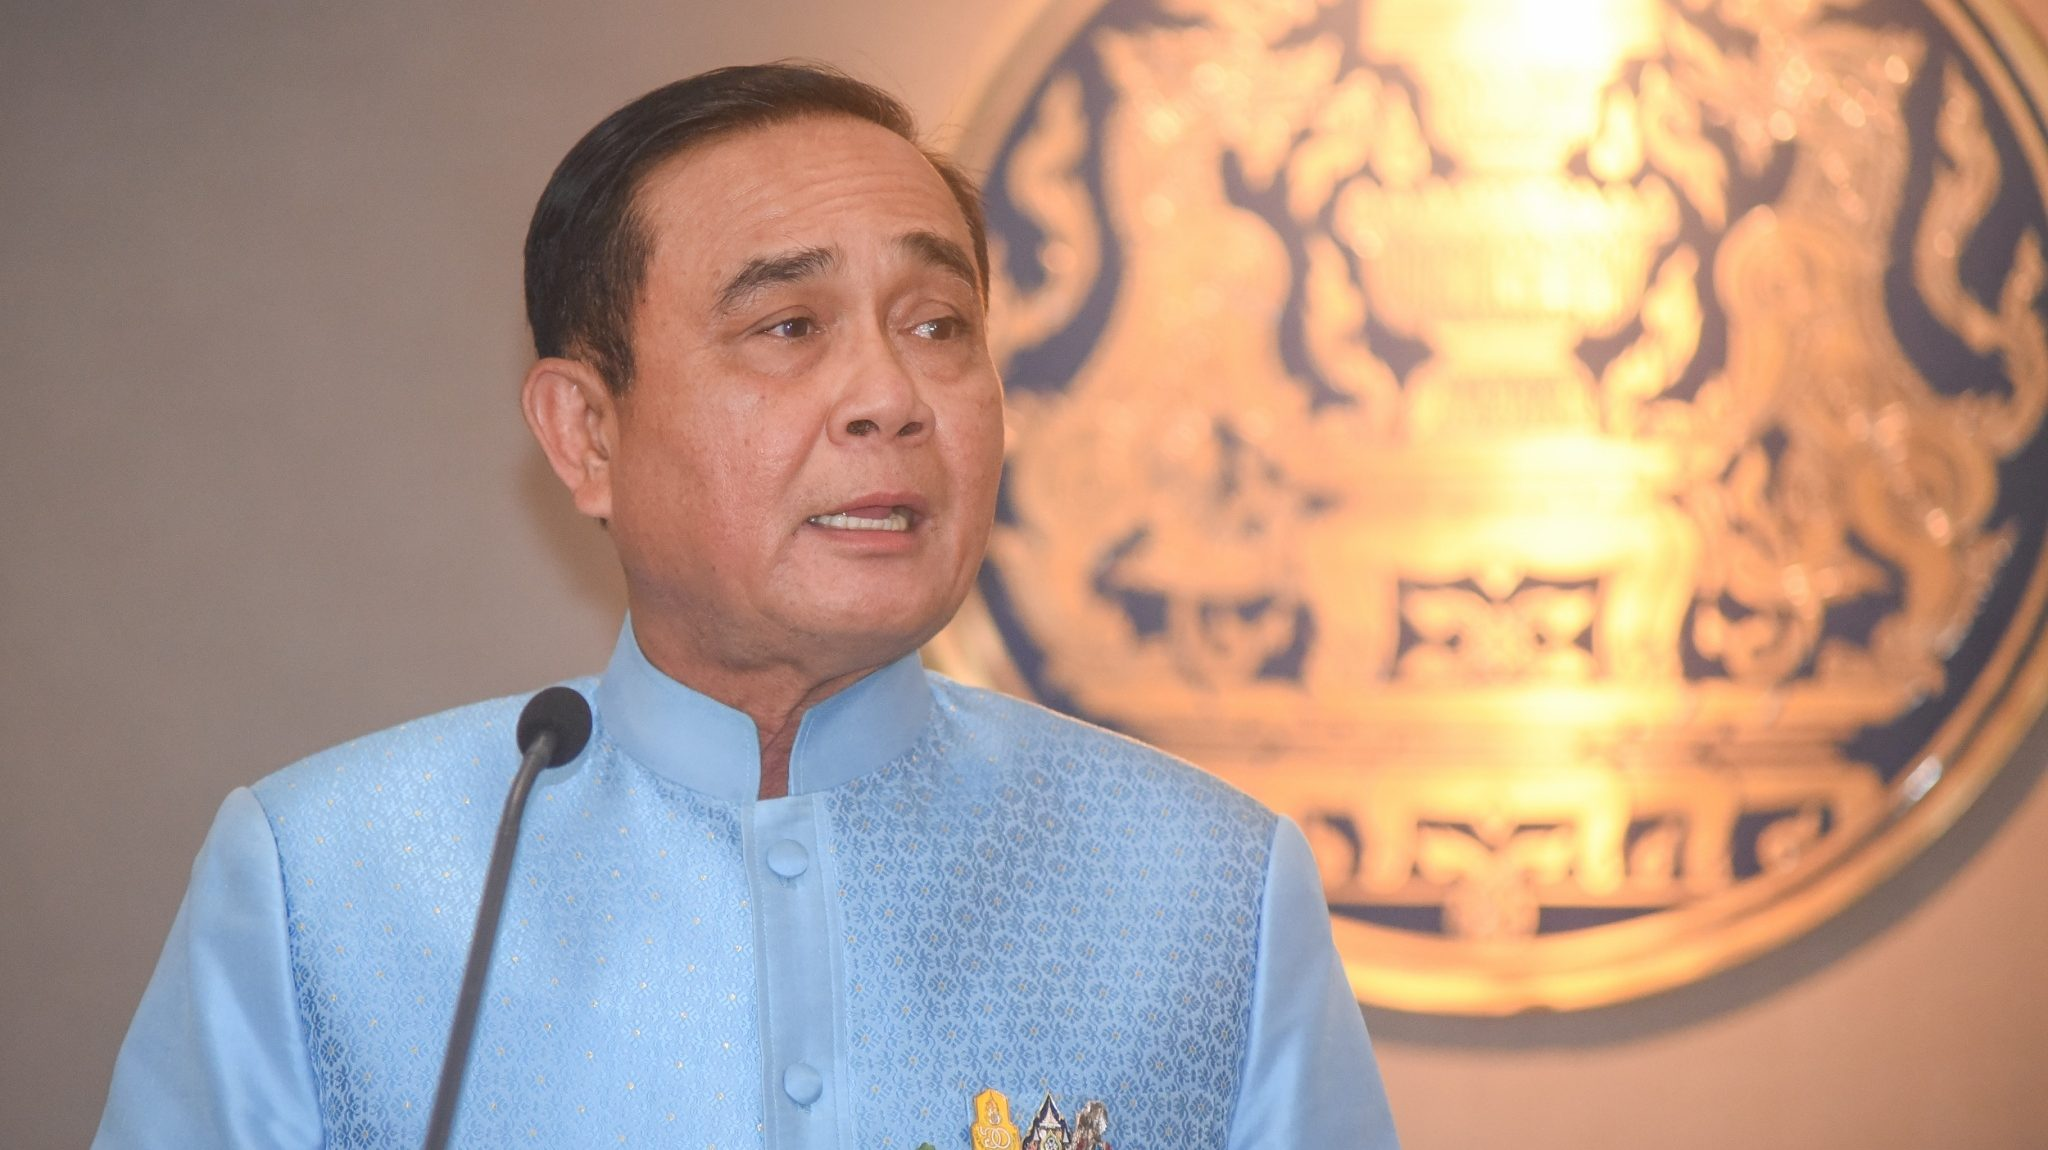 ข่าวนายกรัฐมนตรี ข่าวสดวันนี้ ปวิน ชัชวาลพงศ์พันธ์ พล.อ.ประยุทธ์ จันทร์โอชา รายการคืนความสุข